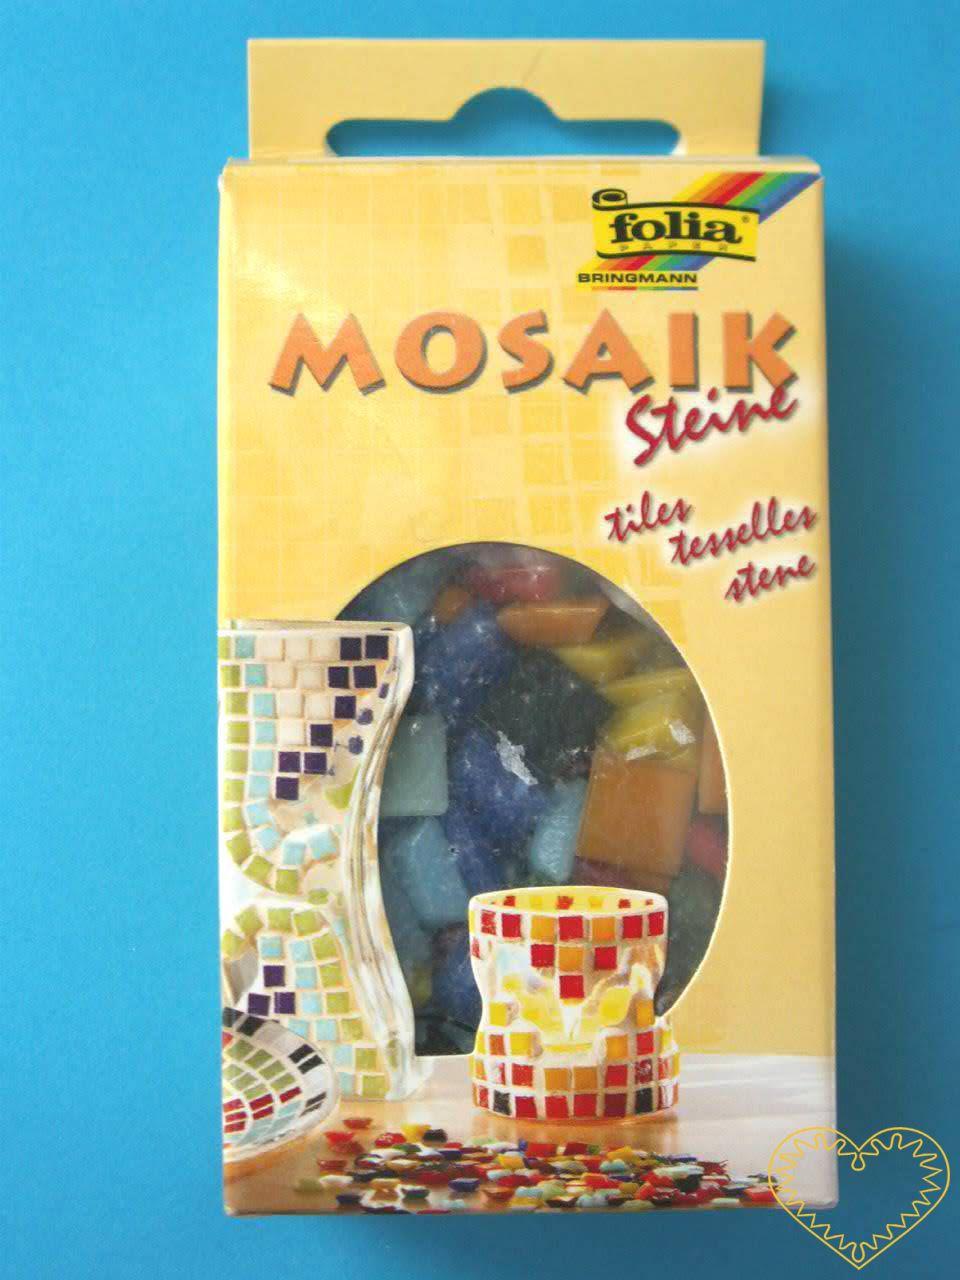 Barevná skleněná mozaika - 2 x 2 cm. Sada obsahuje 70 skleněných čtverečků o velikosti 2 cm x 2 cm, v 10 barvách. Hmotnost balení je 200 g. Pomocí těchto skleněných čtverčků lze vytvořit krásnou mozaiku např. na tác, keramickou misku, vázičku či sedá